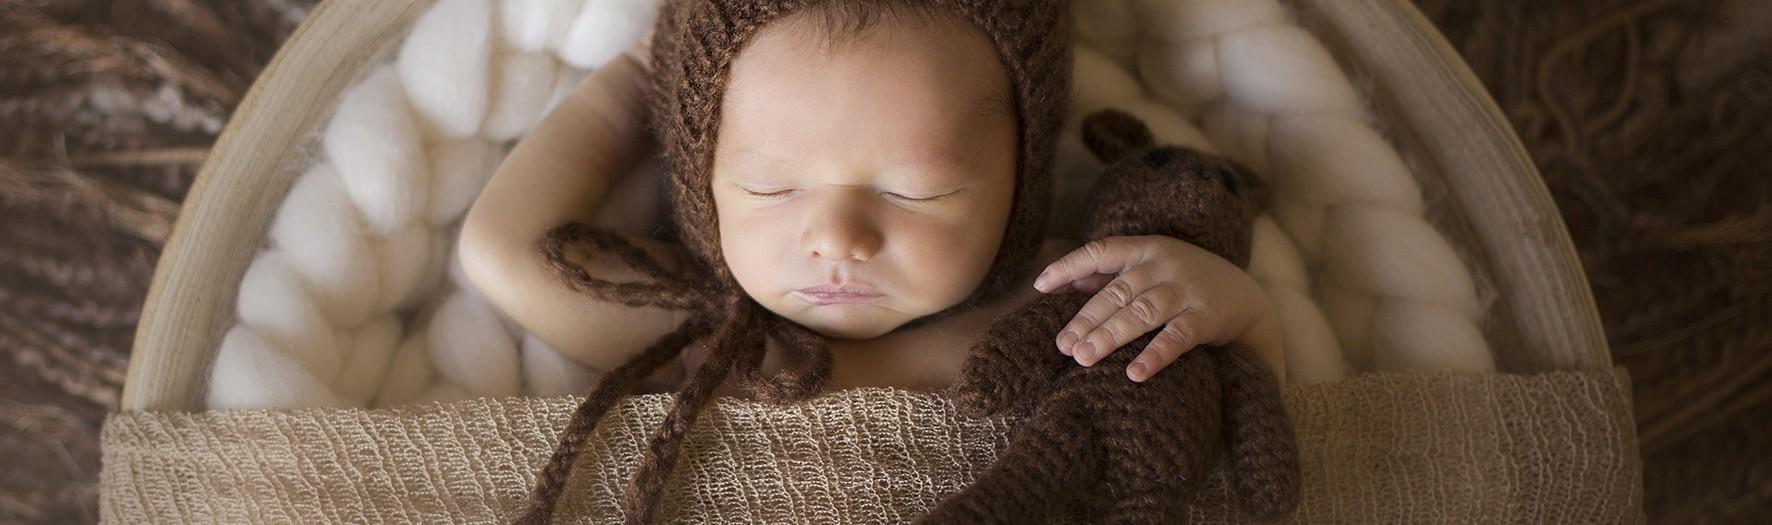 Sesión de fotos de recién nacido + Fotógrafos de bebés + Antonio.